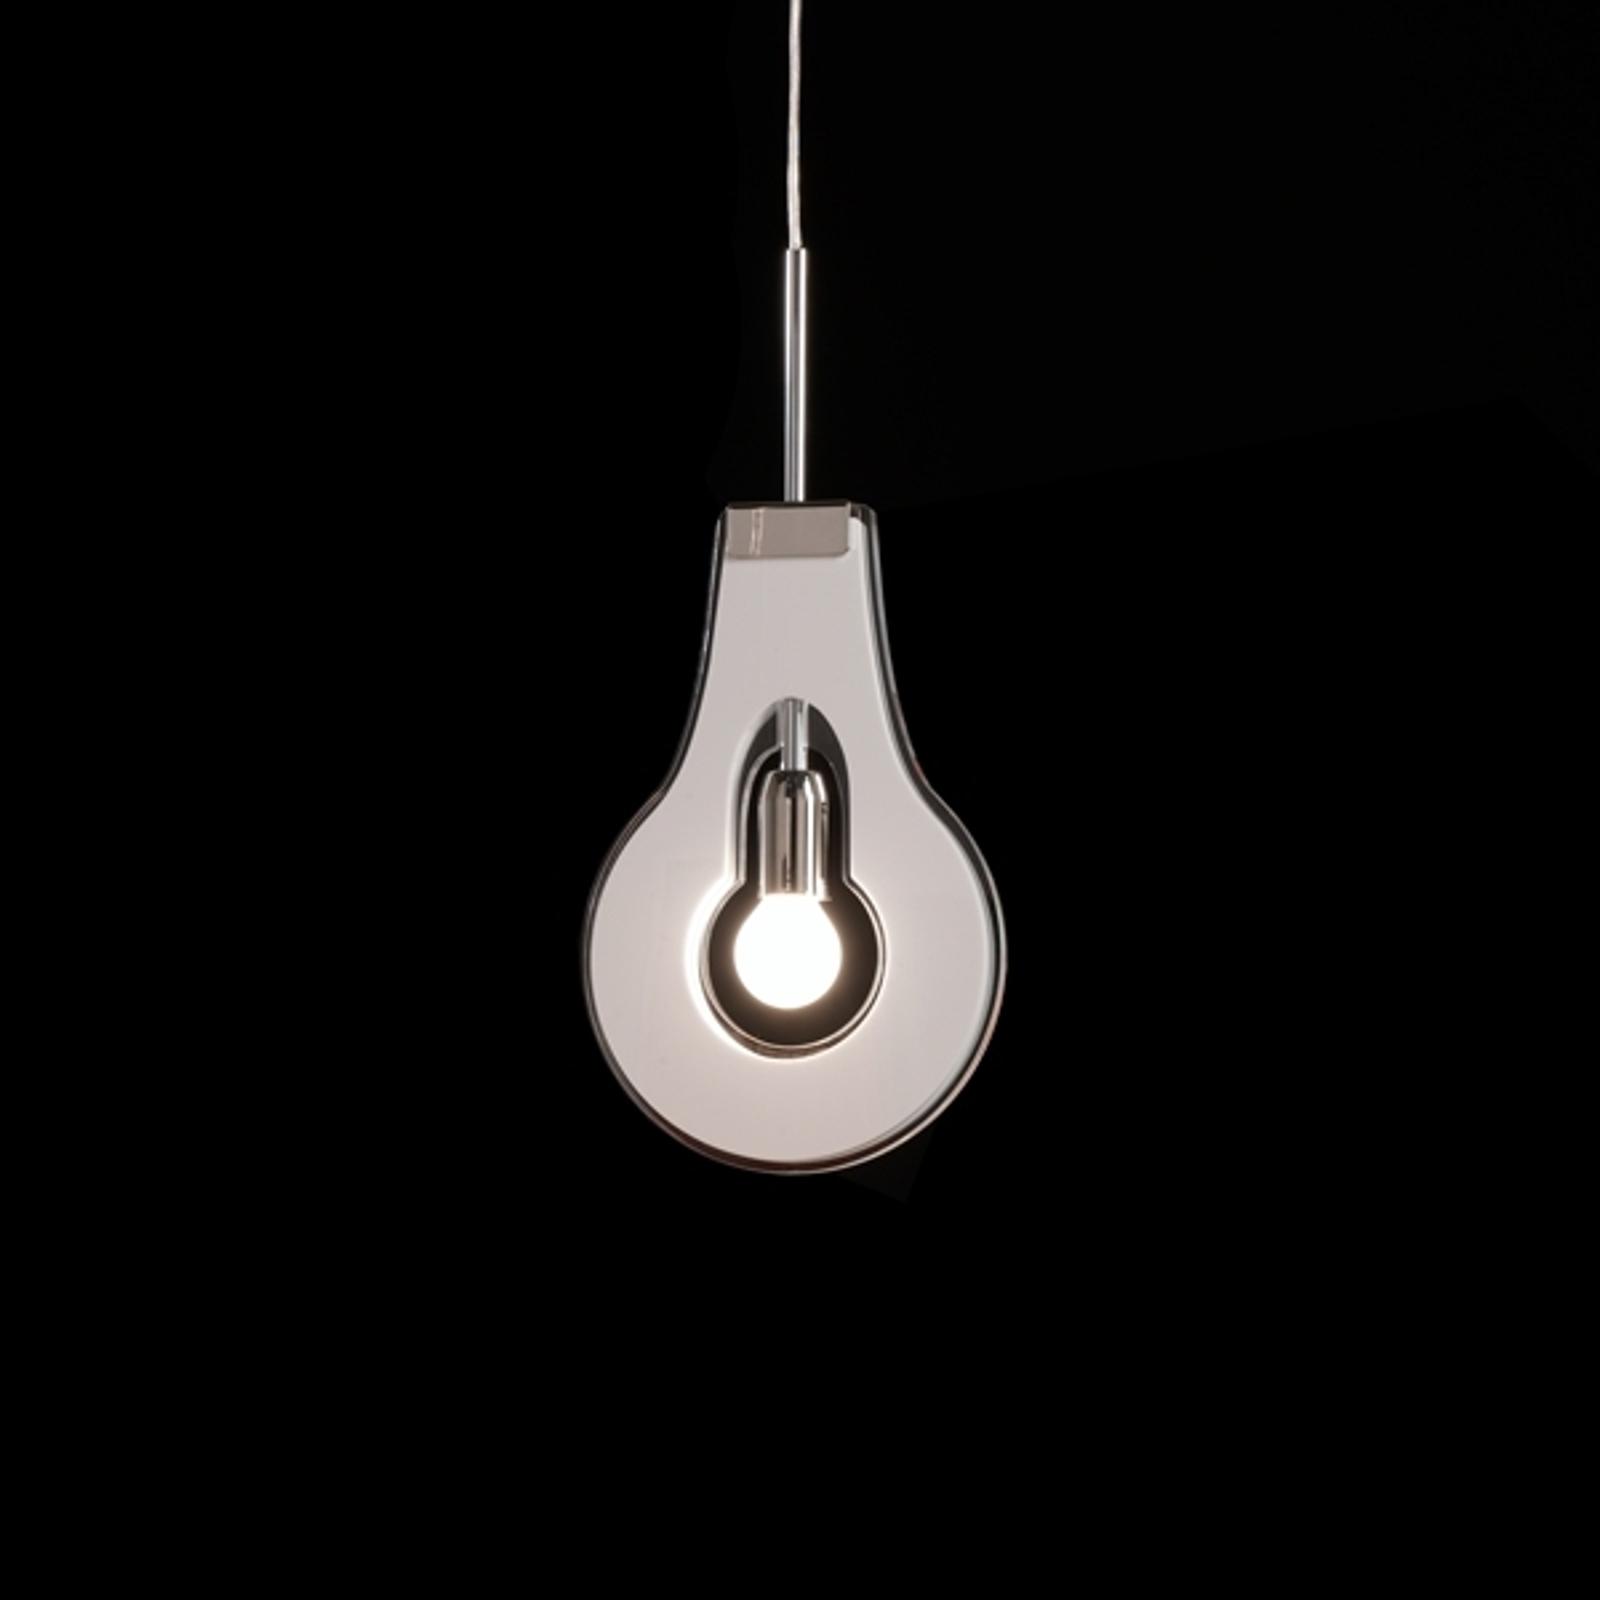 Originale lampada a sospensione Flat, bianca